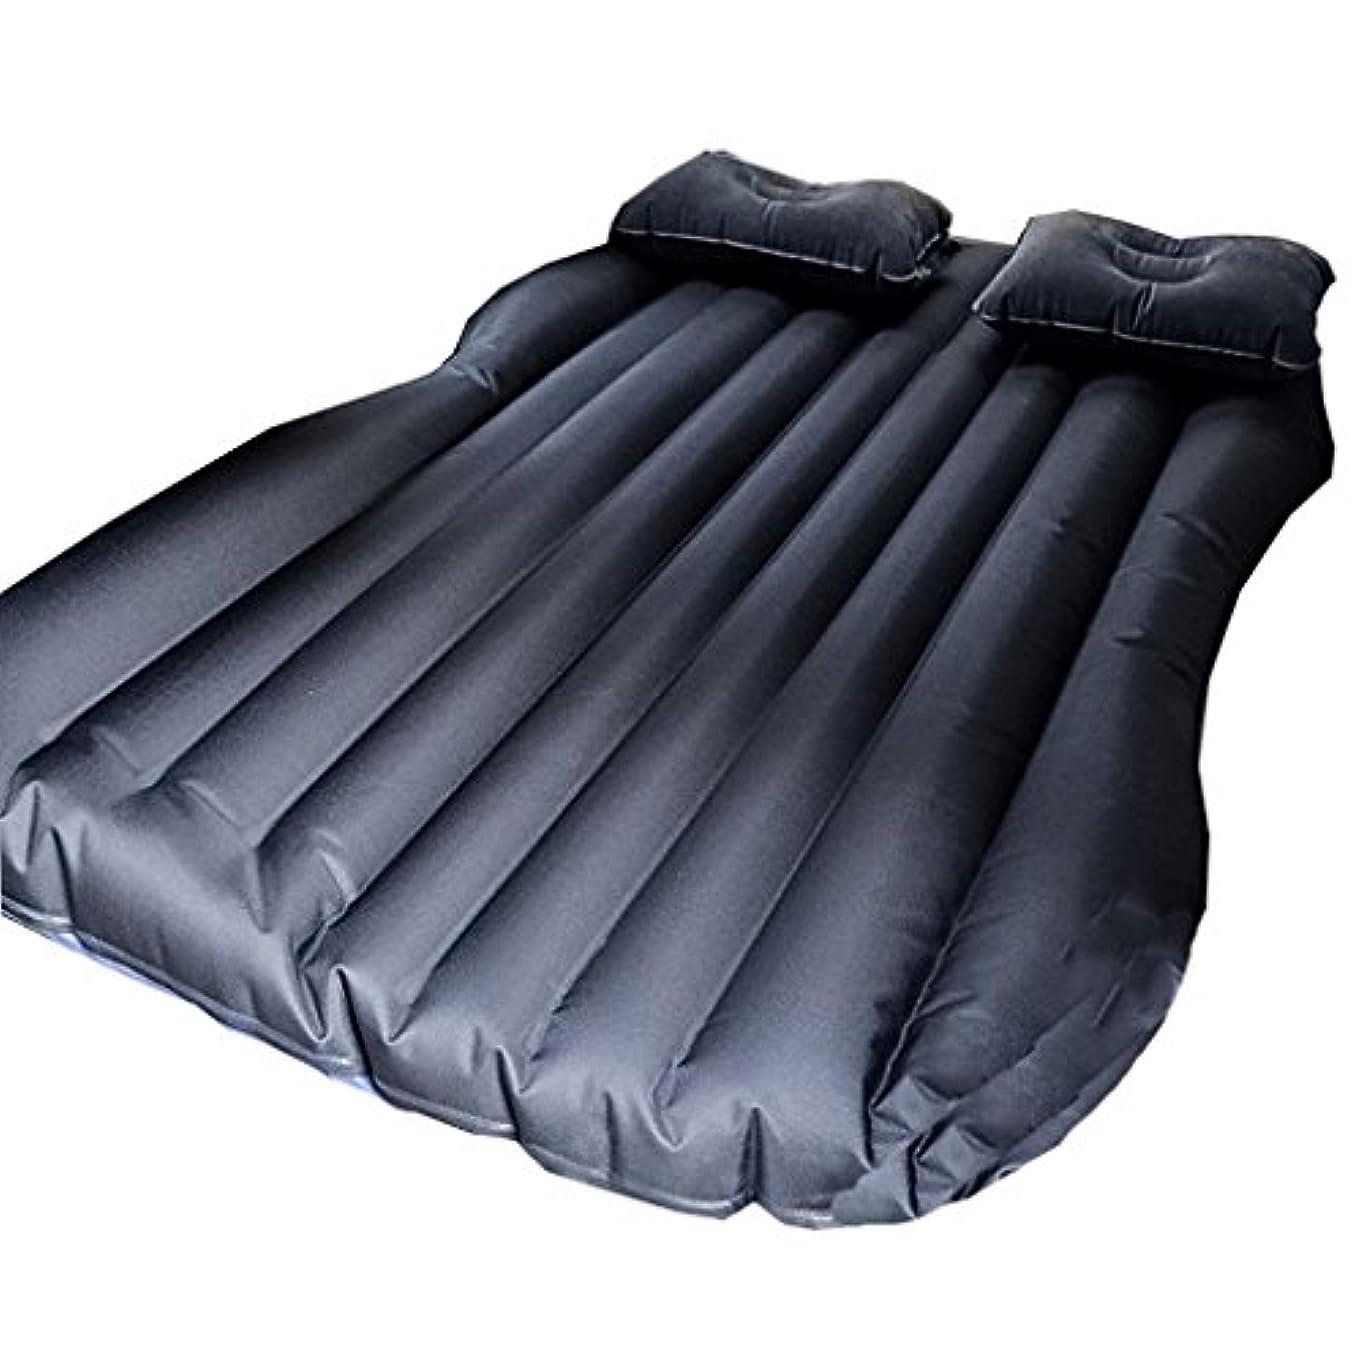 隠有力者お祝いQL エアベッド - カーマットレス折り畳み式カーインフレータブルリアトラベルベッドカーベッド エアマットレス (Color : Black)